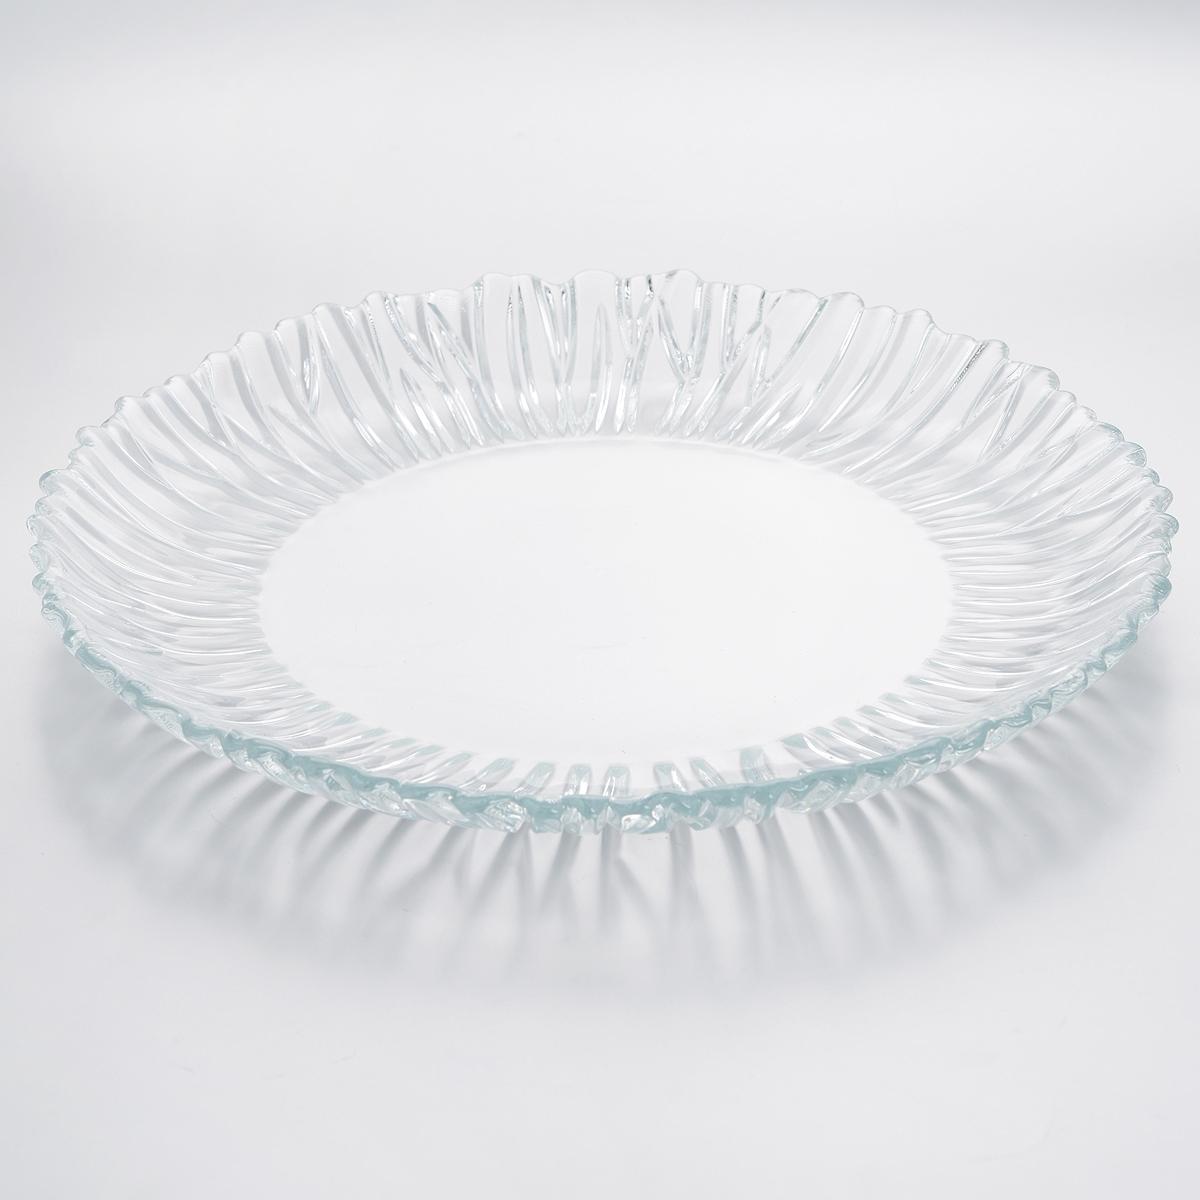 Блюдо Pasabahce Аврора, диаметр 31 смVT-1520(SR)Блюдо Pasabahce Аврора изготовлено из прочного закаленного натрий-кальций-силикатного стекла с повышенной термостойкостью. Изделие имеет круглую форму, украшено изящным рельефом. Блюдо прекрасно подходит для подачи тортов, пирогов и другой выпечки, а также различных закусок и нарезок. Блюдо красиво оформит праздничный стол и удивит вас стильным дизайном. Можно мыть в посудомоечной машине и использовать в микроволновой печи.